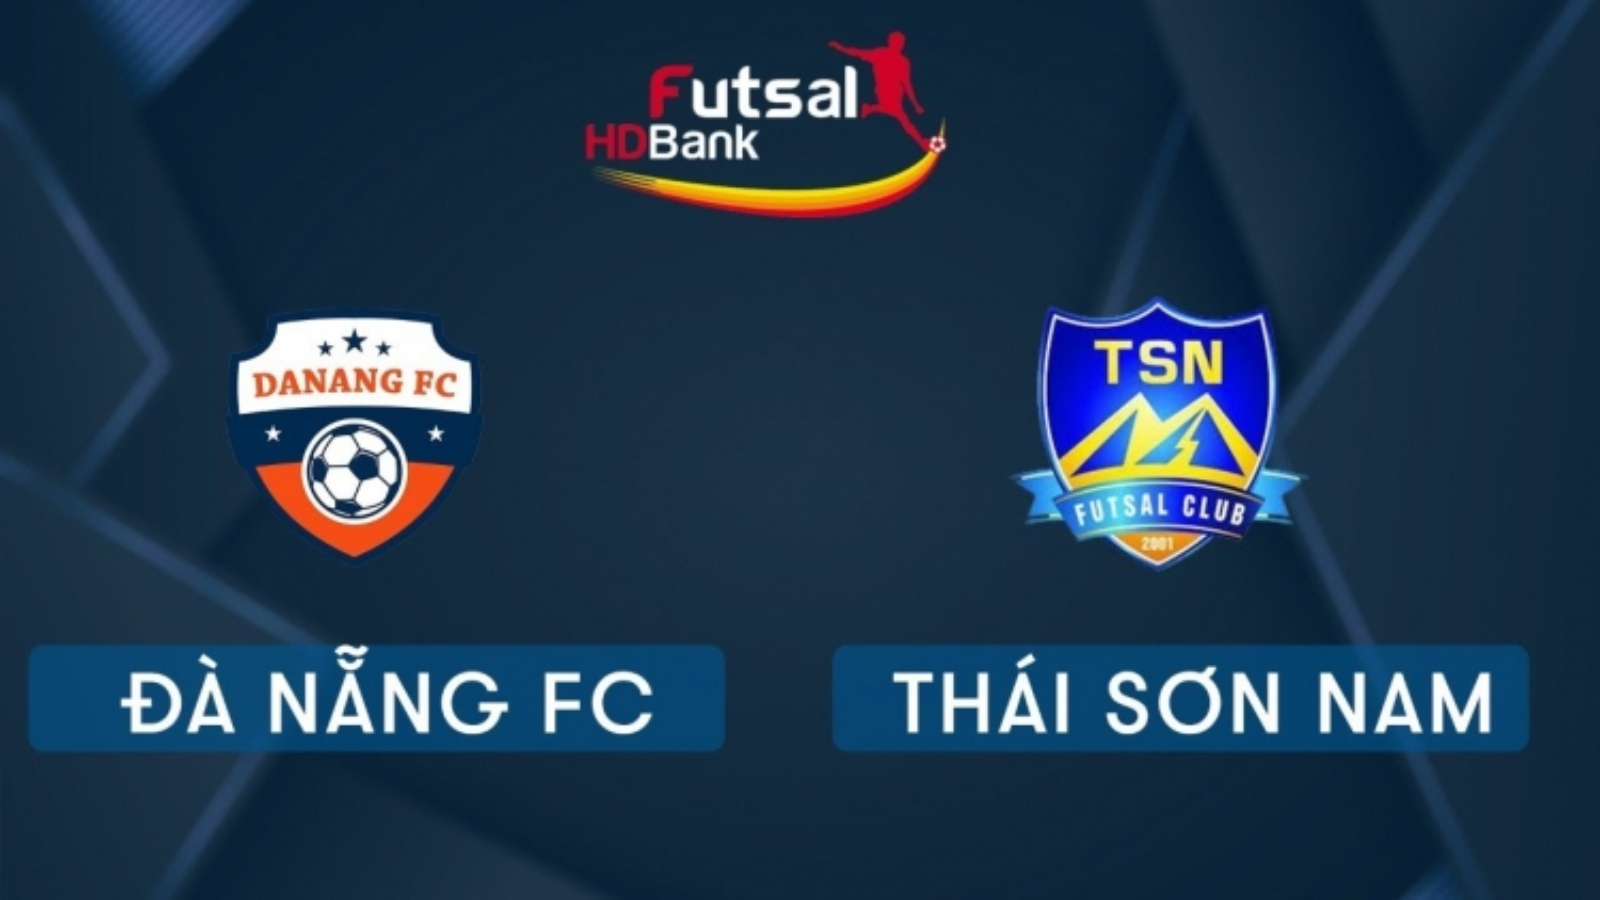 Xem trực tiếp Futsal HDBank VĐQG 2020: Đà Nẵng - Thái Sơn Nam